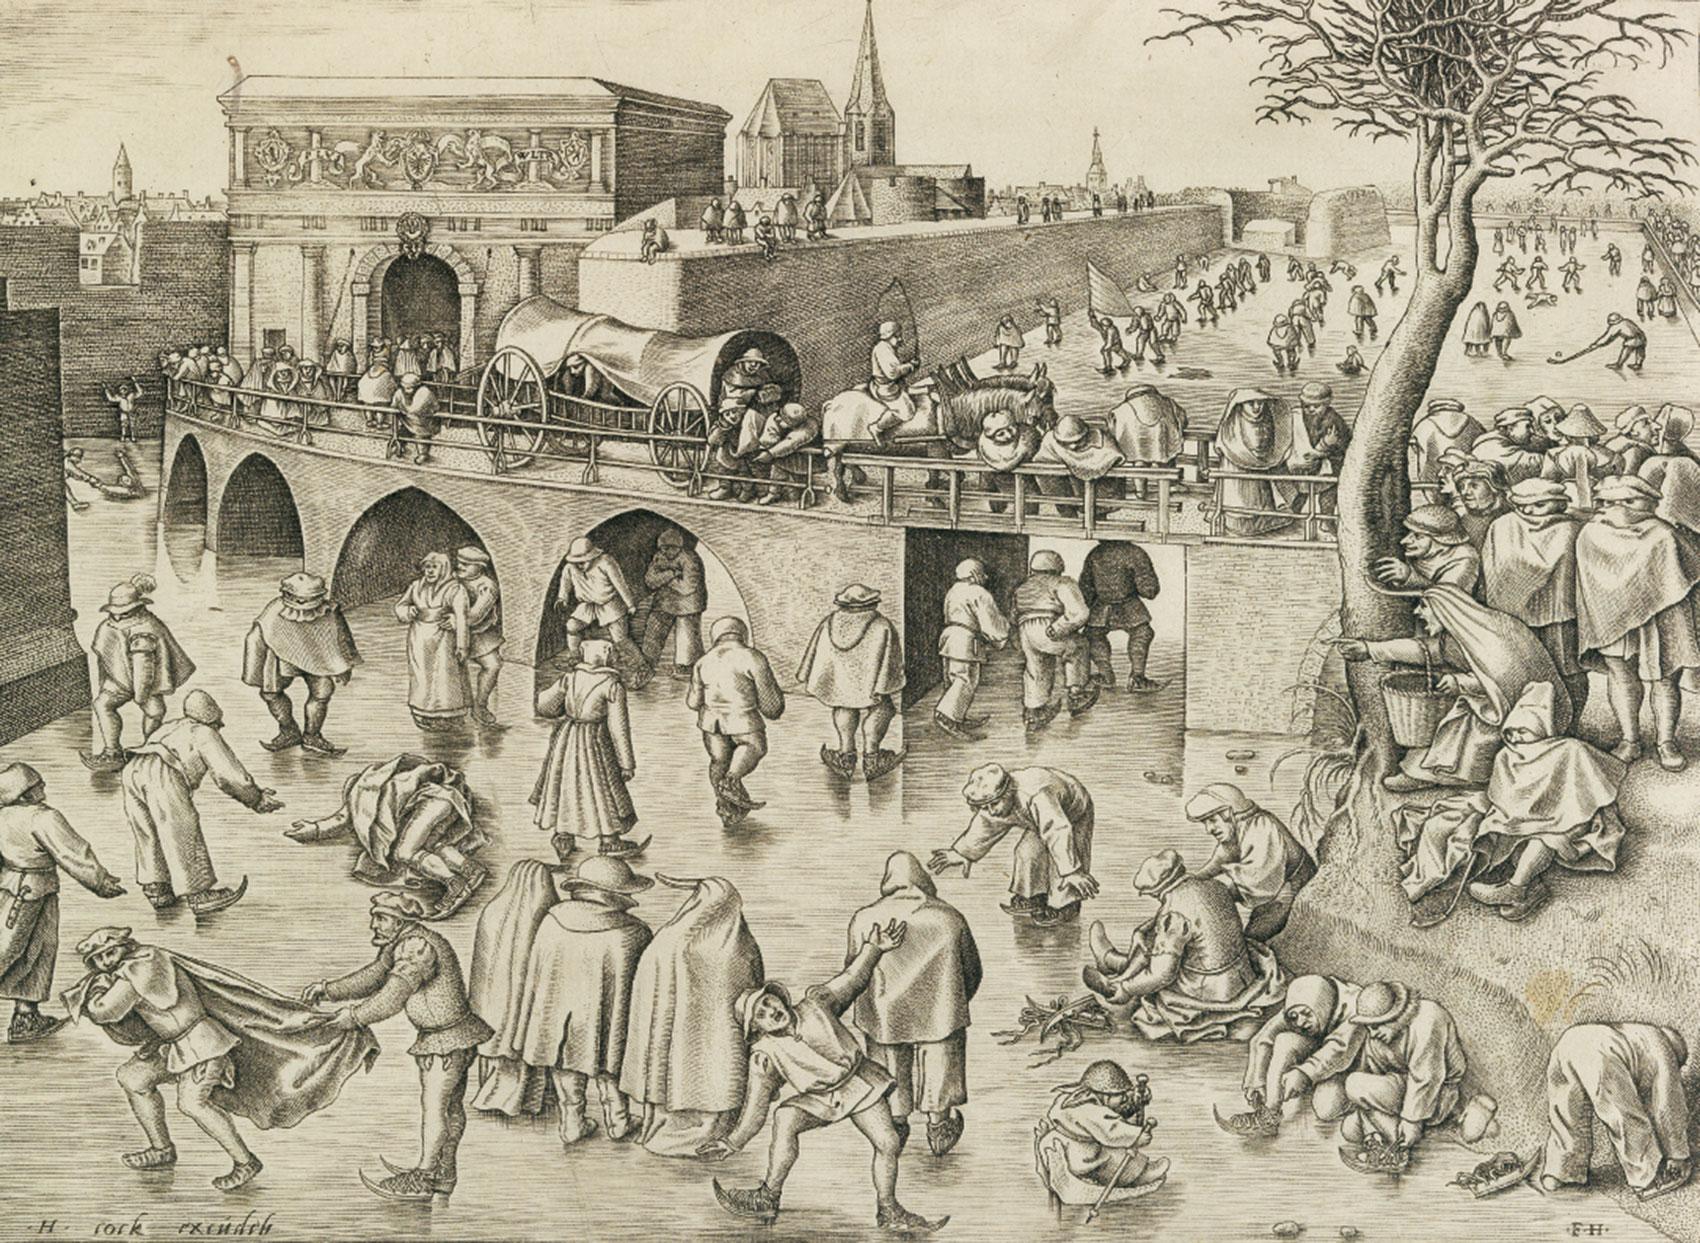 ピーテル・ブリューゲル1世(下絵)/フランス・ハイス(版刻) 「アントワープの聖ゲオルギウス門前のスケート滑り」1558年頃 エングレーヴィング Museum BVB, Rotterdam, the Netherlands